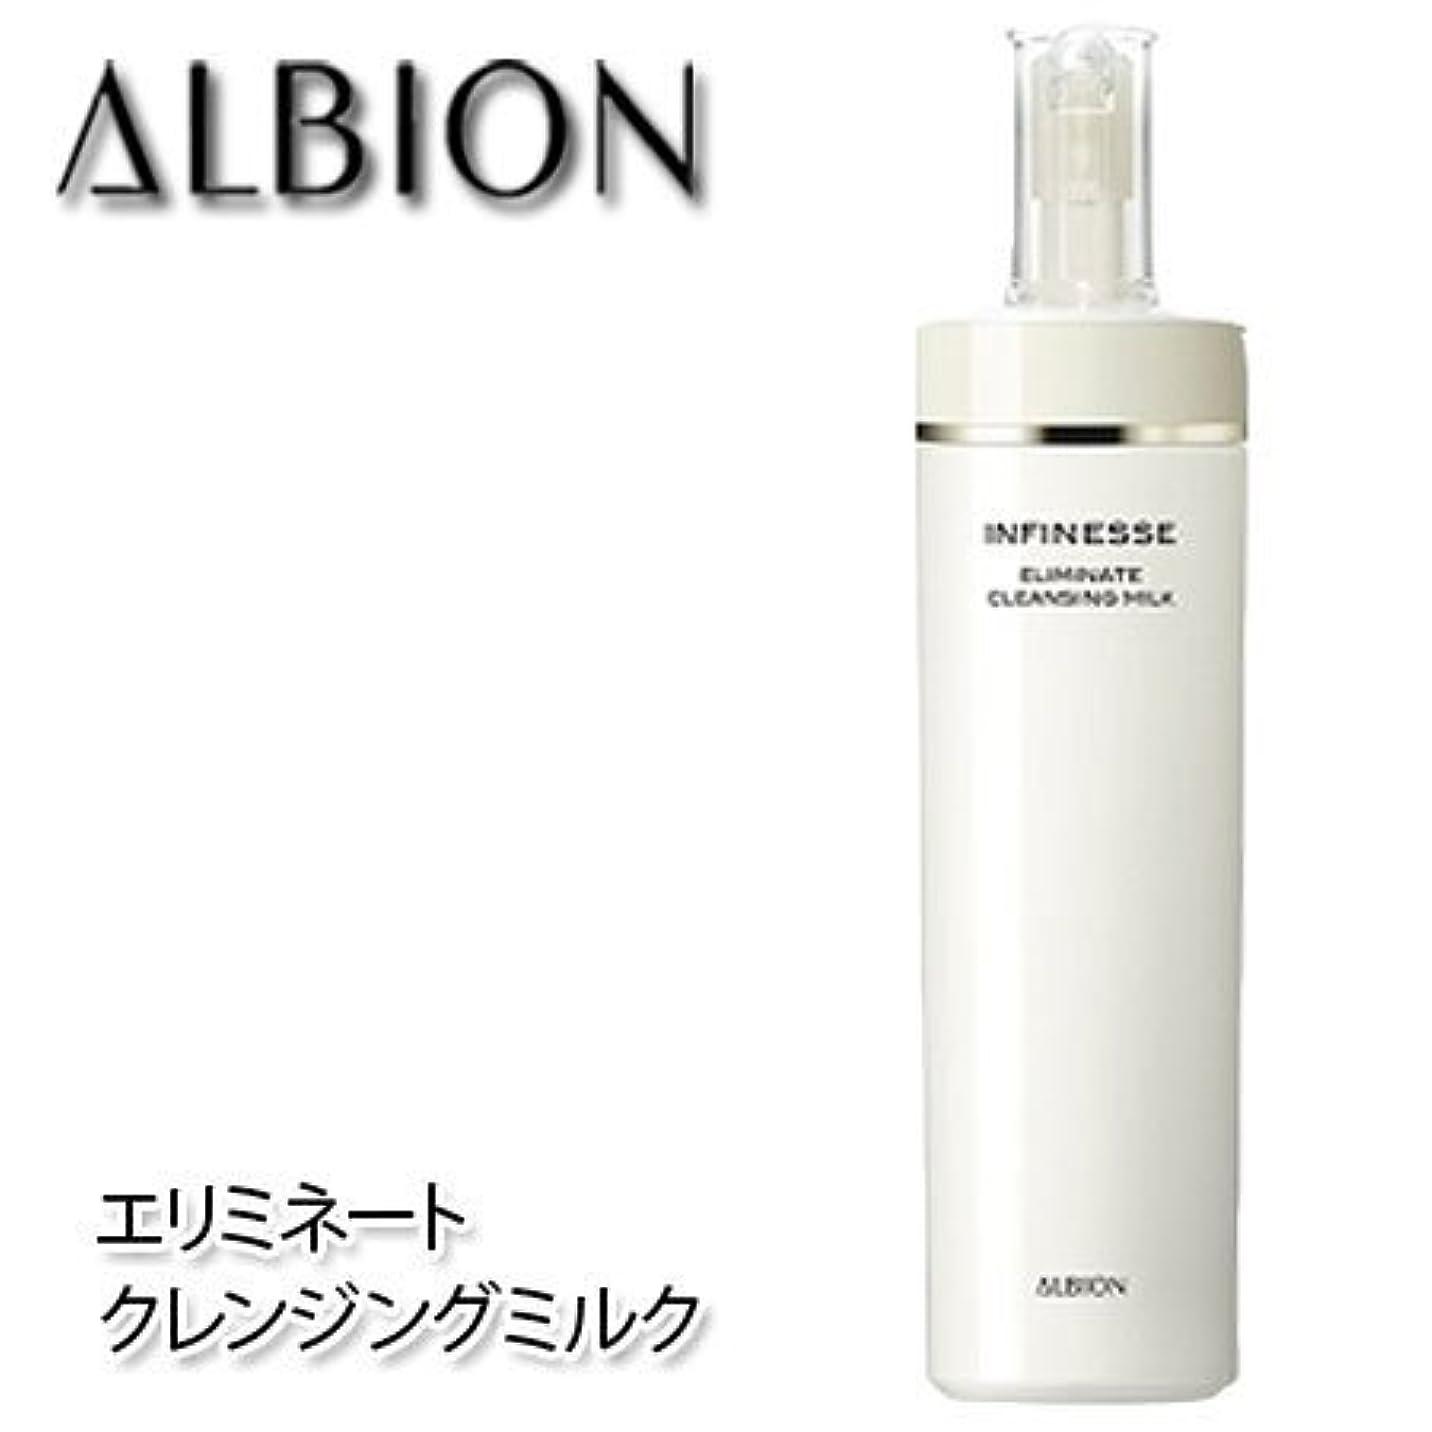 平衡補充理由アルビオン アンフィネス エリミネート クレンジングミルク 200g-ALBION-